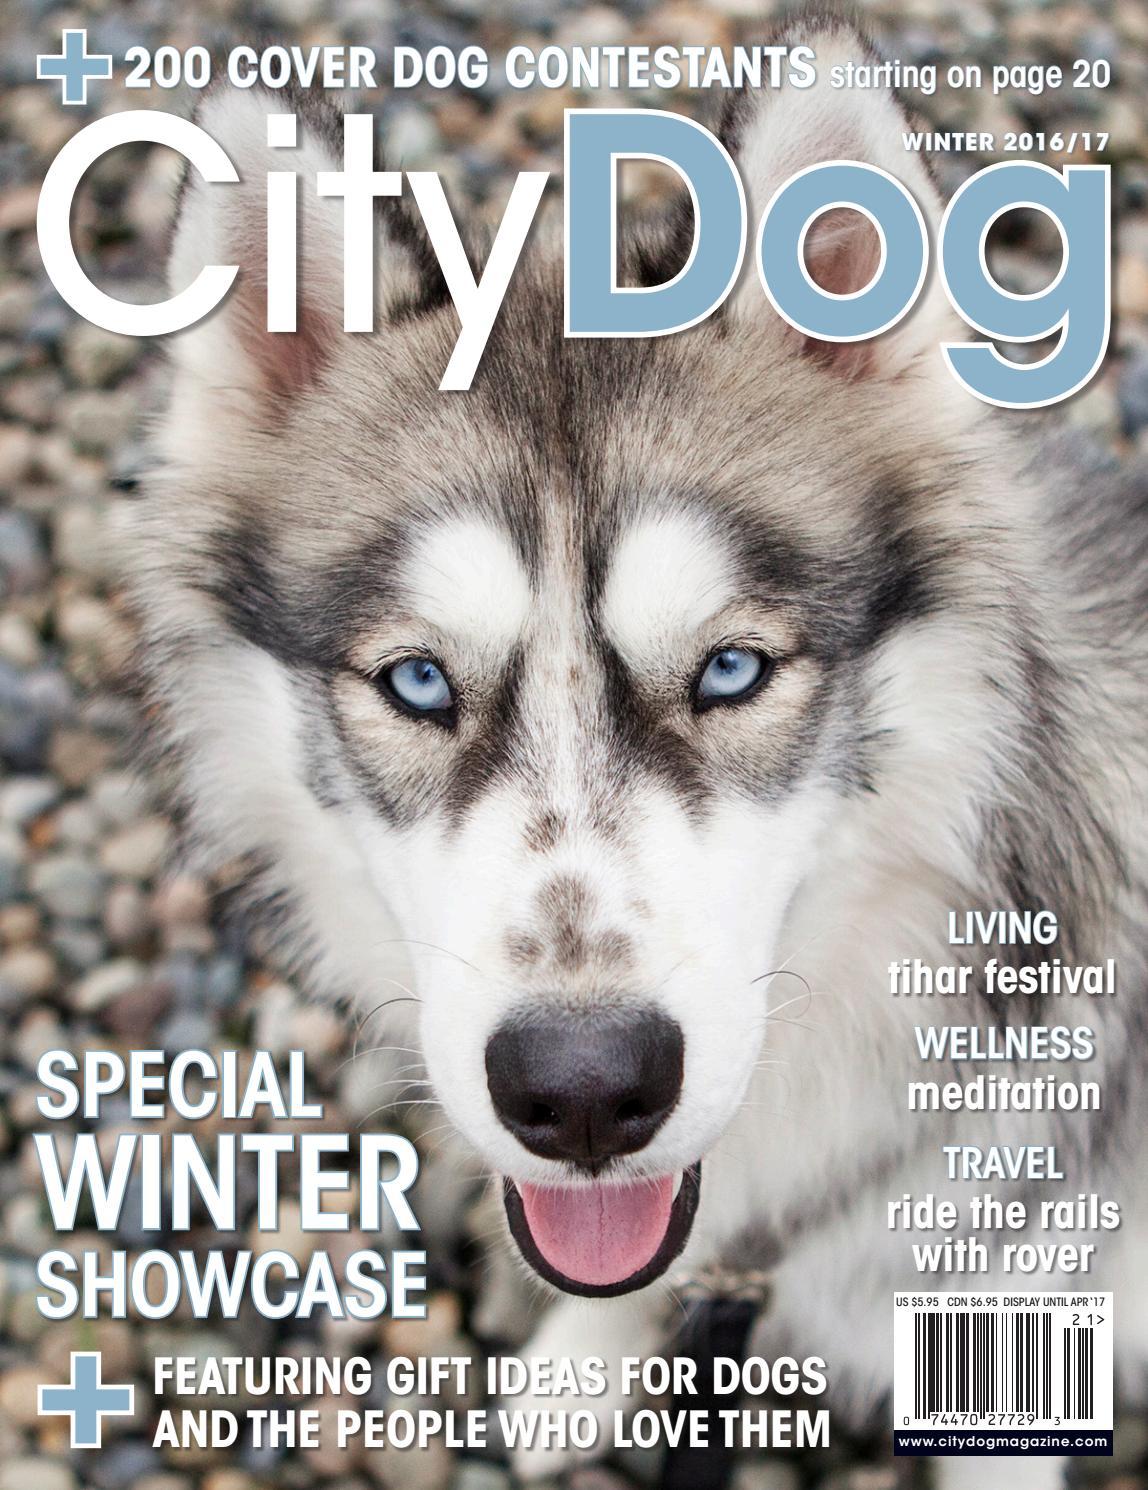 citydog magazine holiday winter 2016 17 issue by citydog magazine